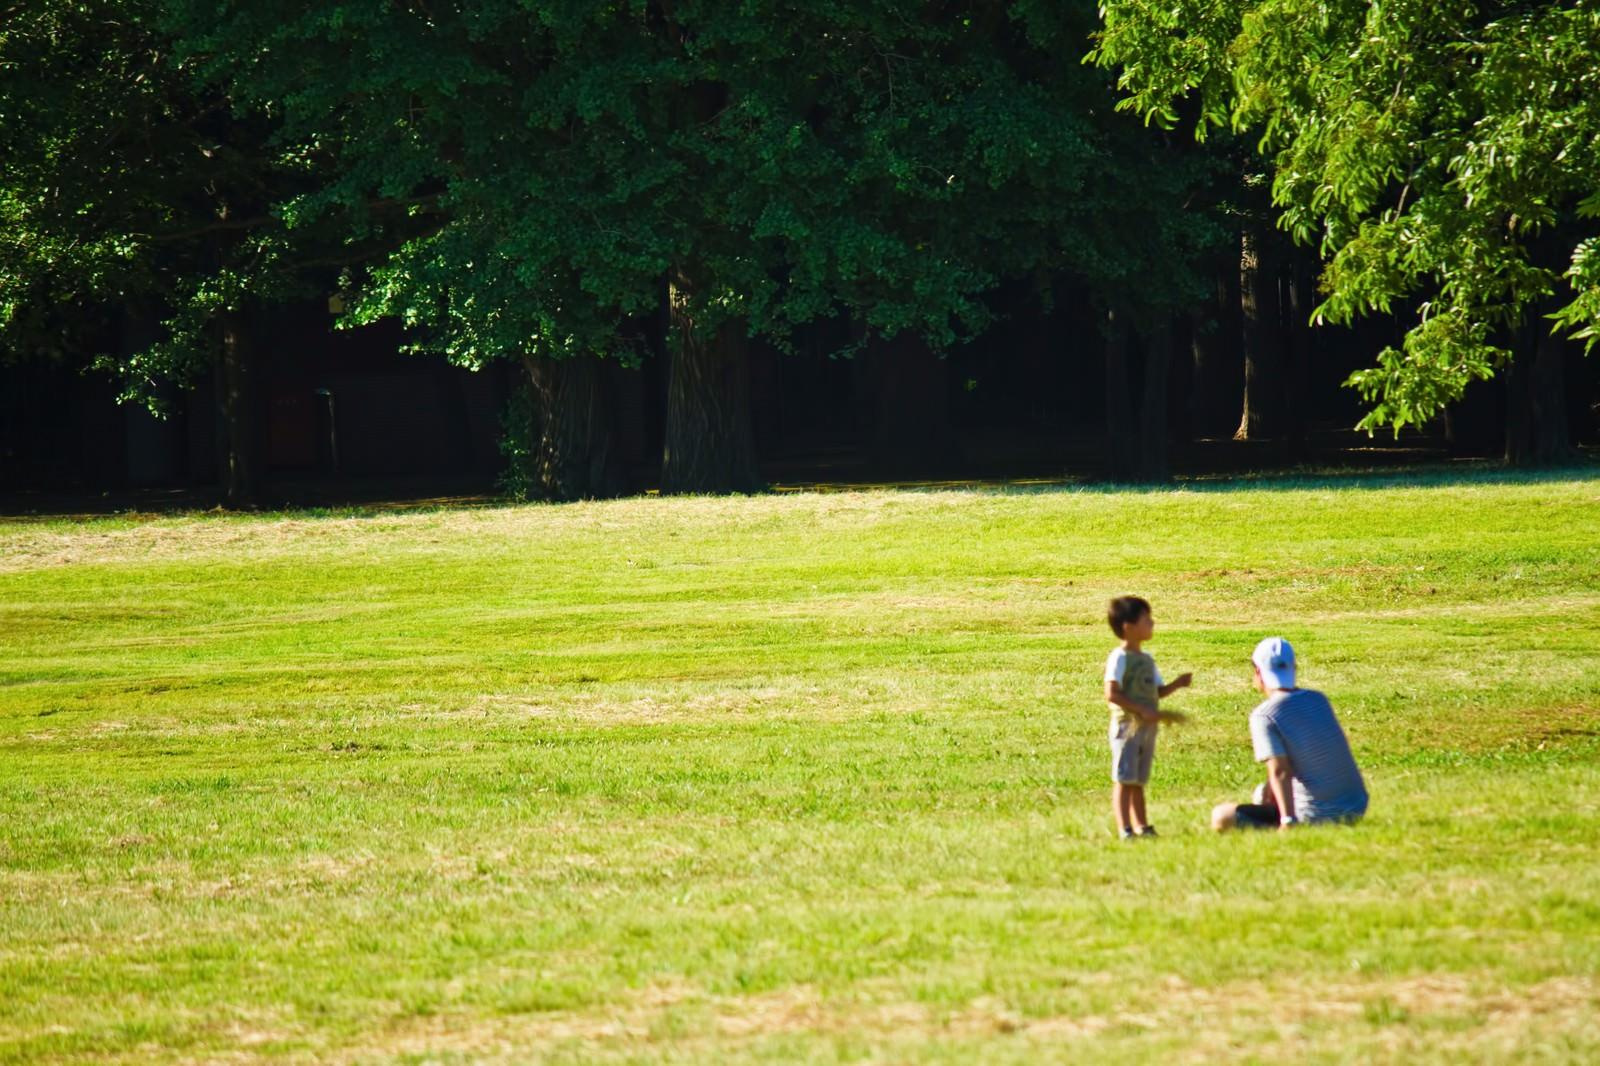 「広場での親子広場での親子」のフリー写真素材を拡大